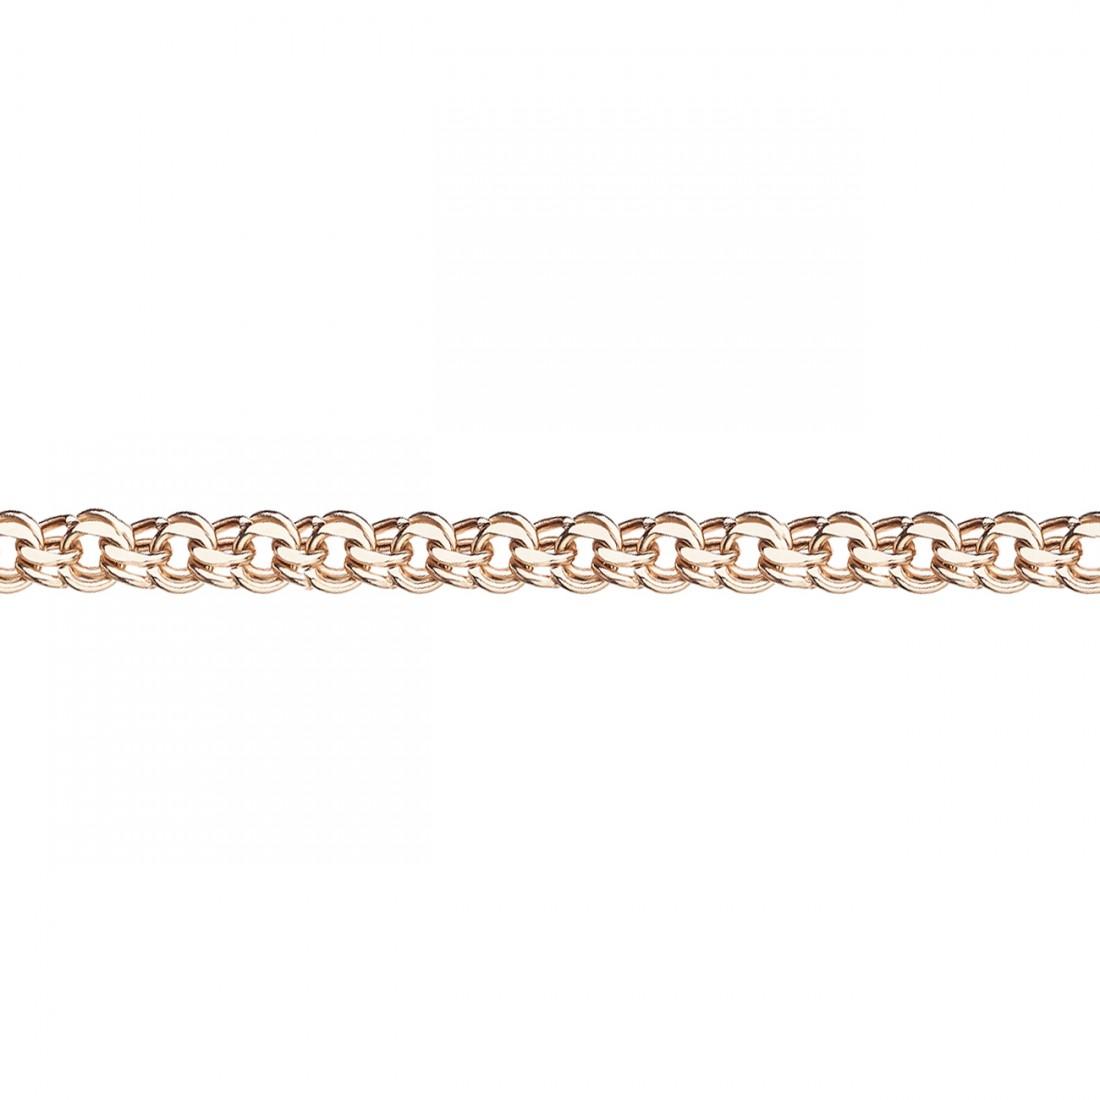 Облегченная цепь из золота арт. 8050200п-40 8050200п-40